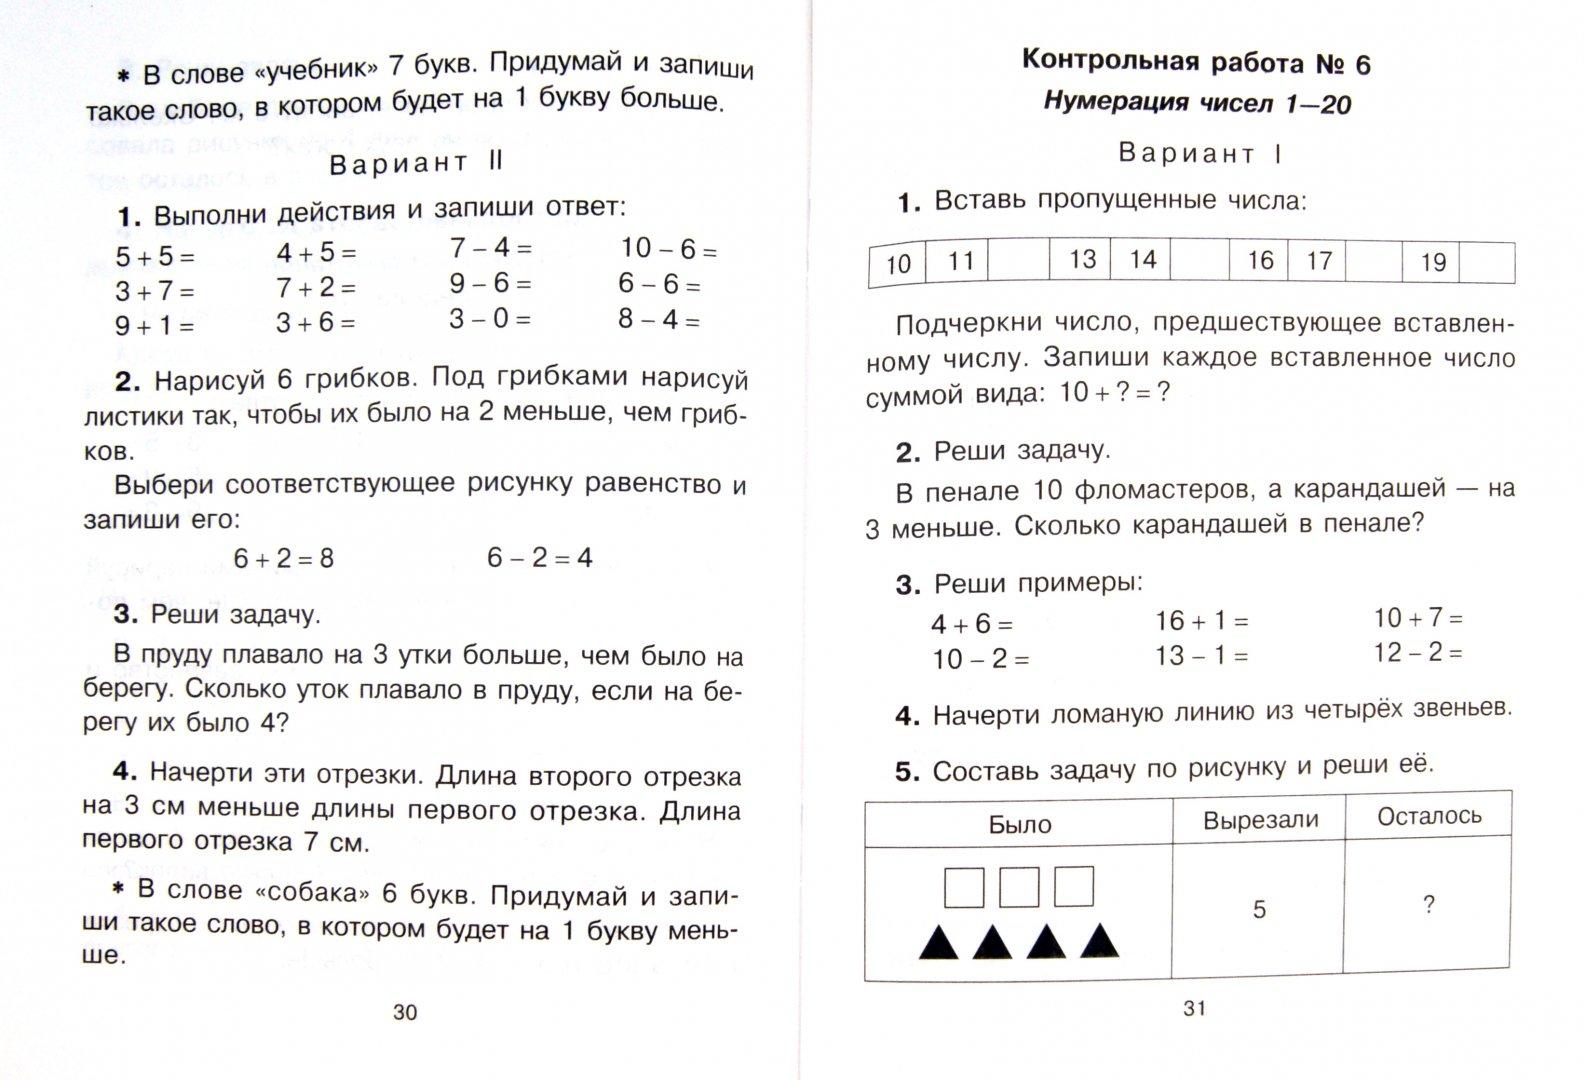 Иллюстрация 1 из 5 для Контрольные и проверочные работы по математике: 1-2 классы - Марина Остапенко | Лабиринт - книги. Источник: Лабиринт